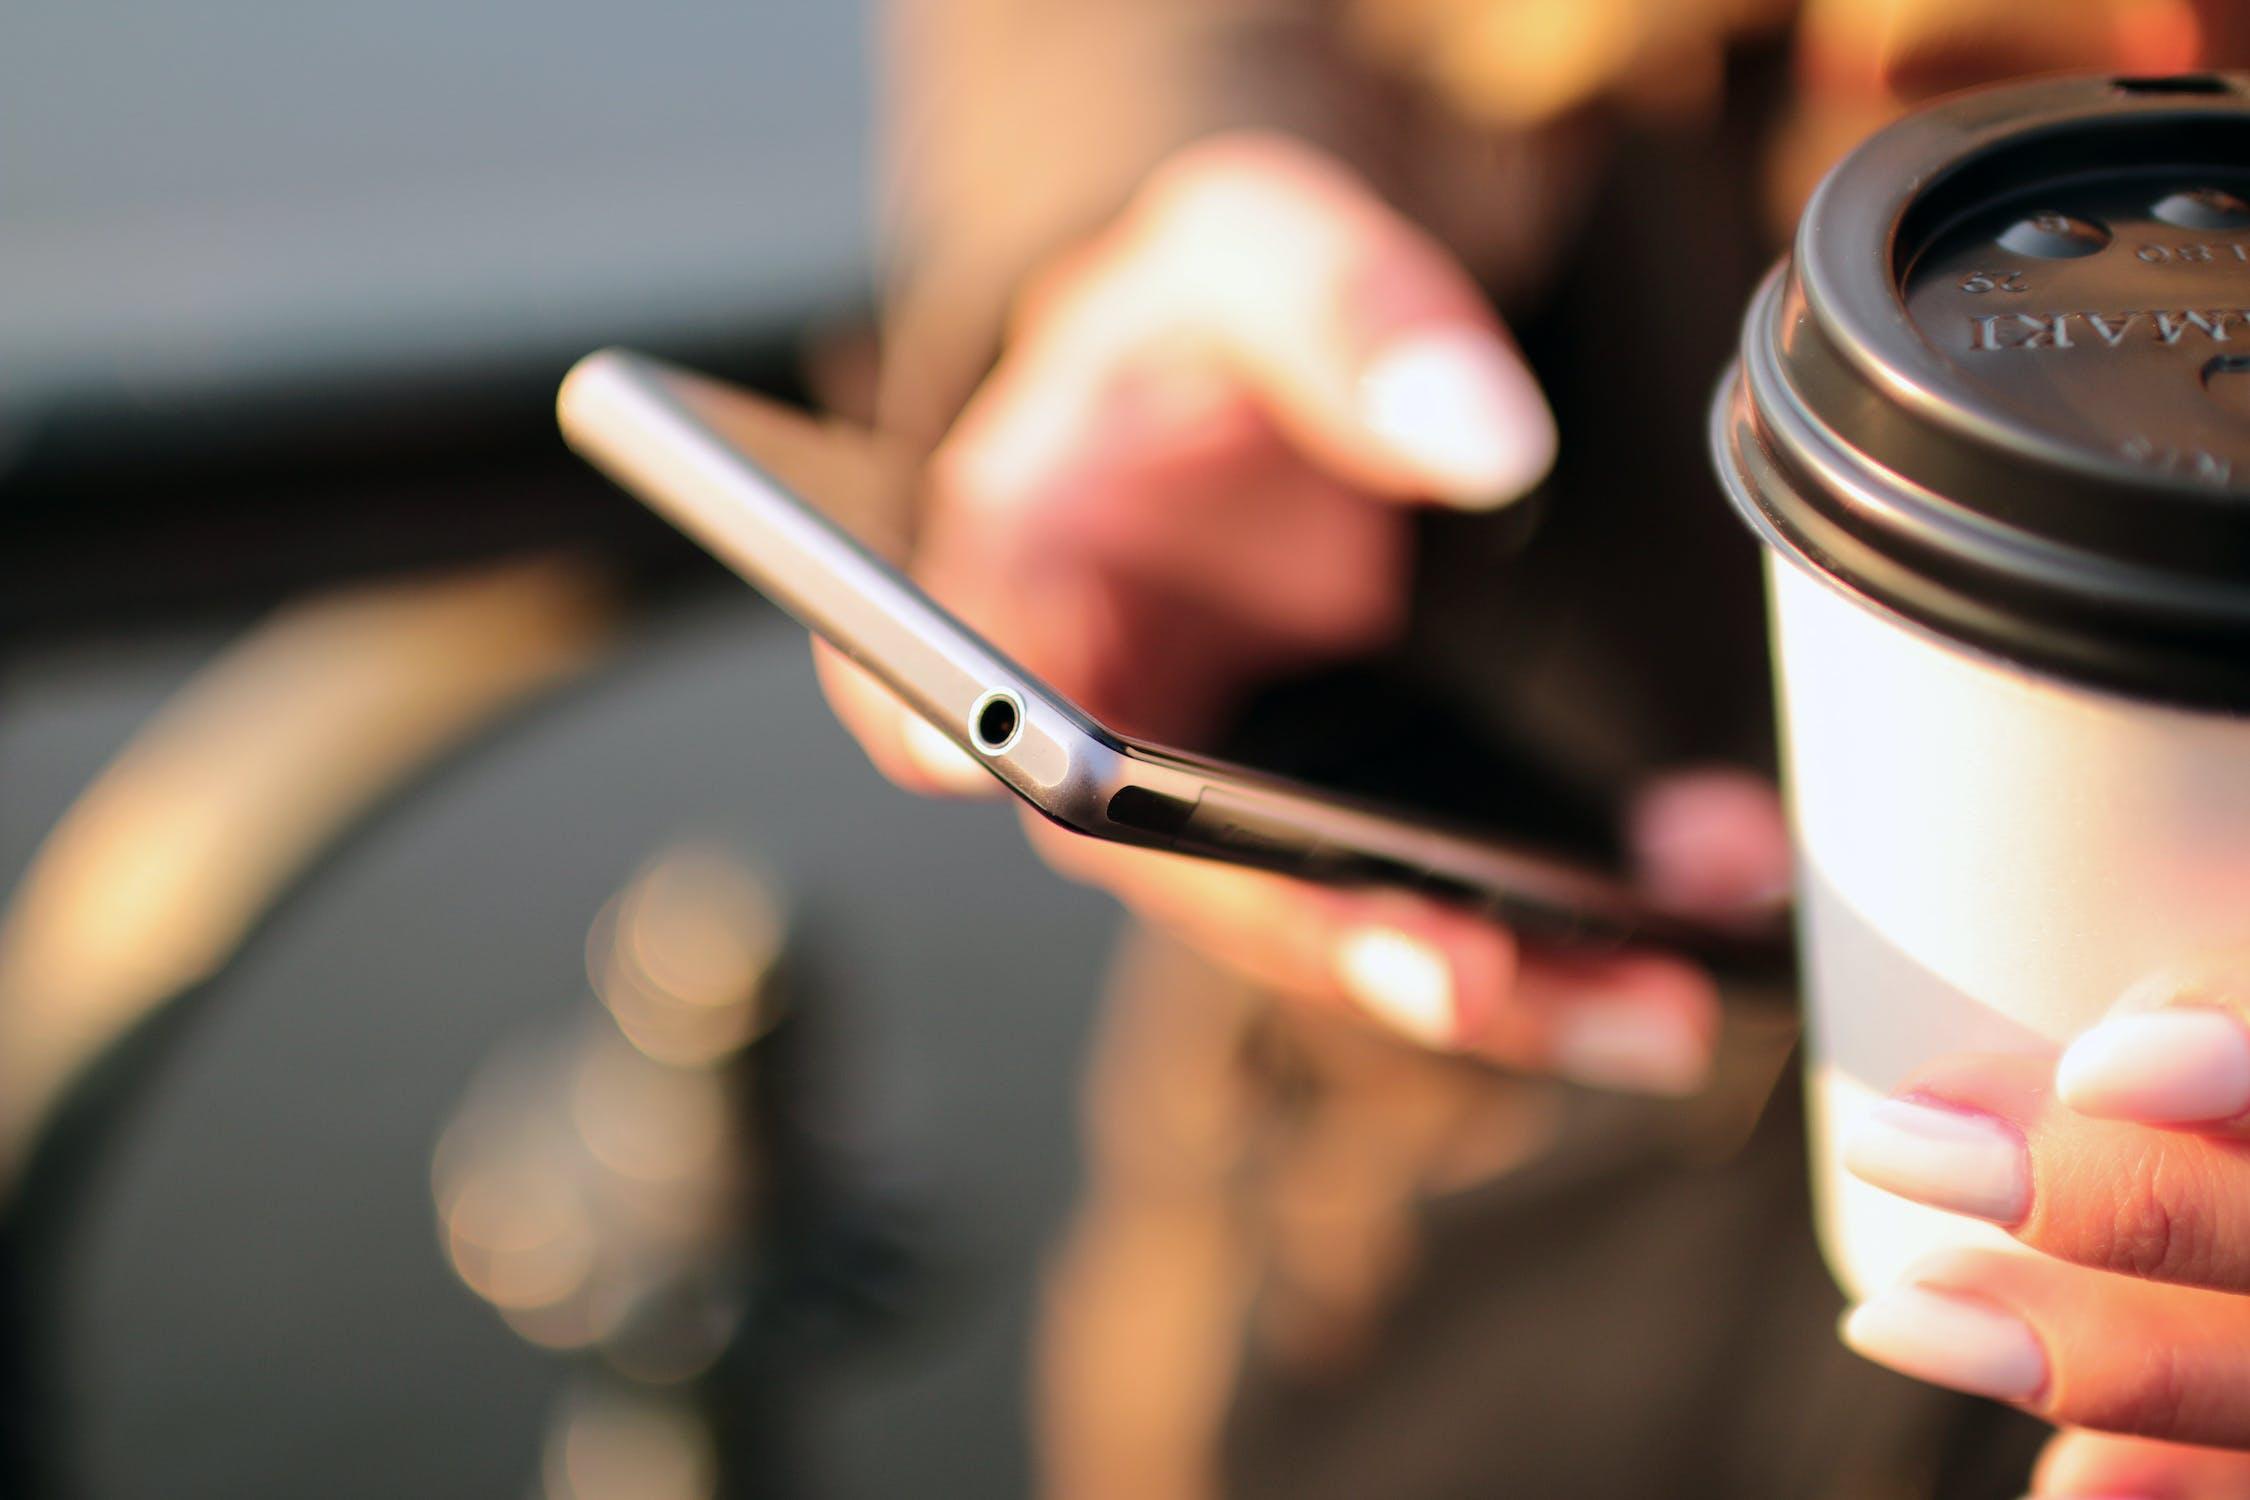 Comment remplacer l'écran cassé Samsung Galaxy S3